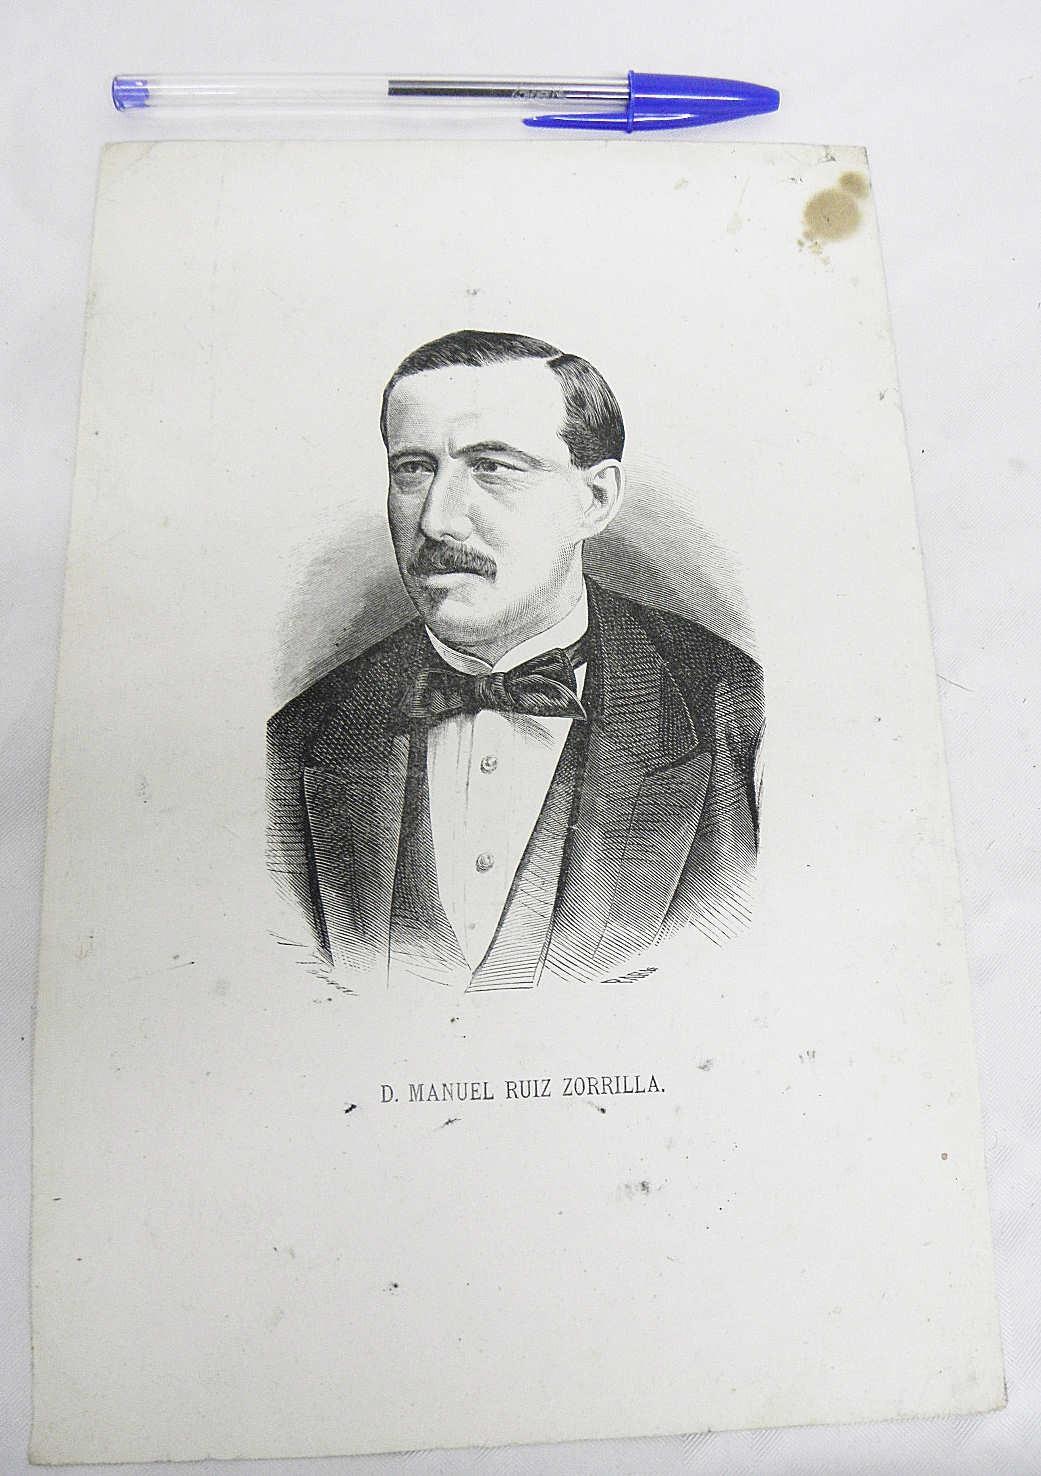 LP-D-MANUEL-RUIZ-ZORRILLA